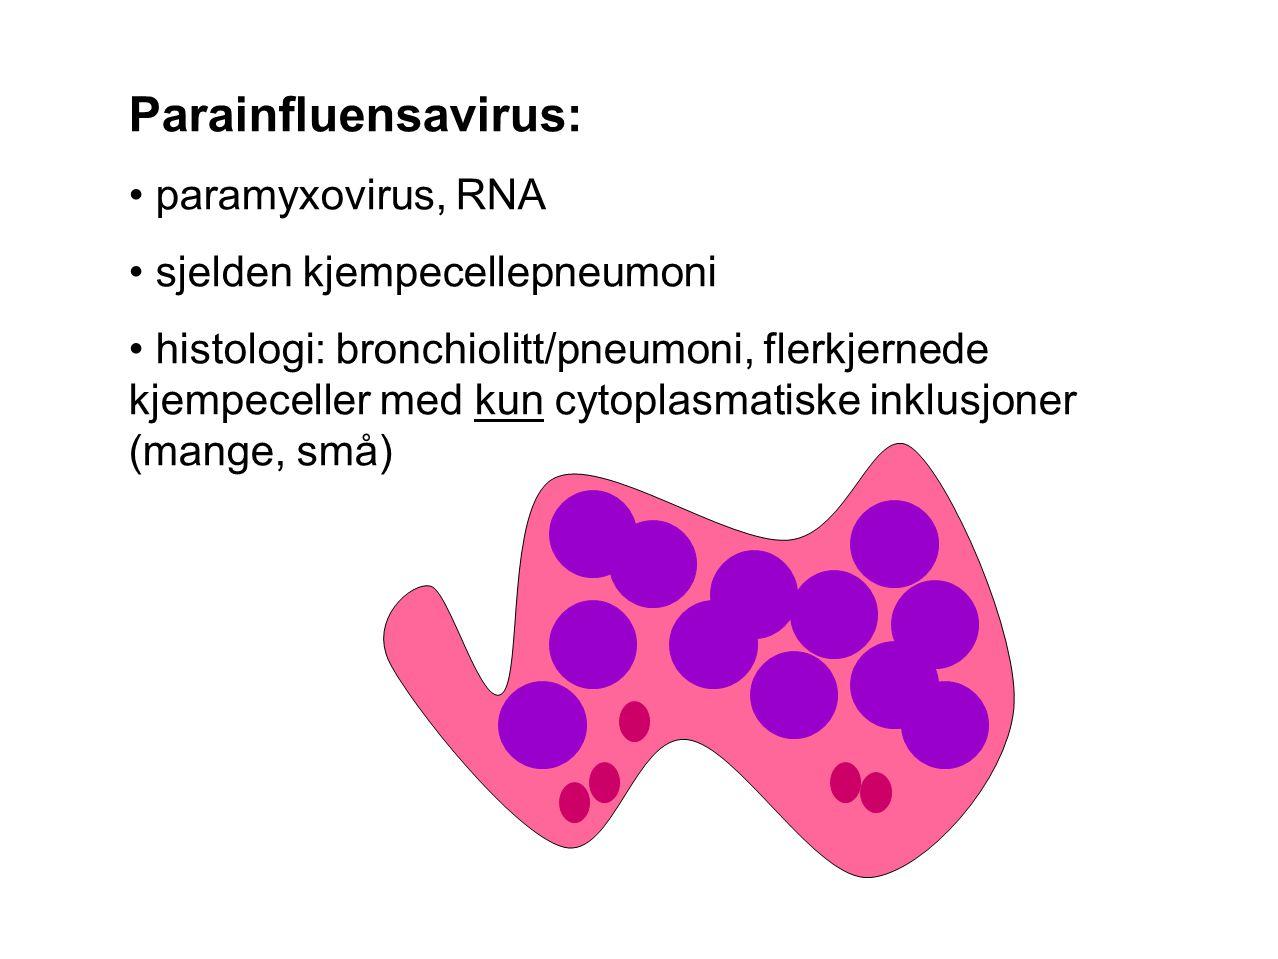 Parainfluensavirus: paramyxovirus, RNA sjelden kjempecellepneumoni